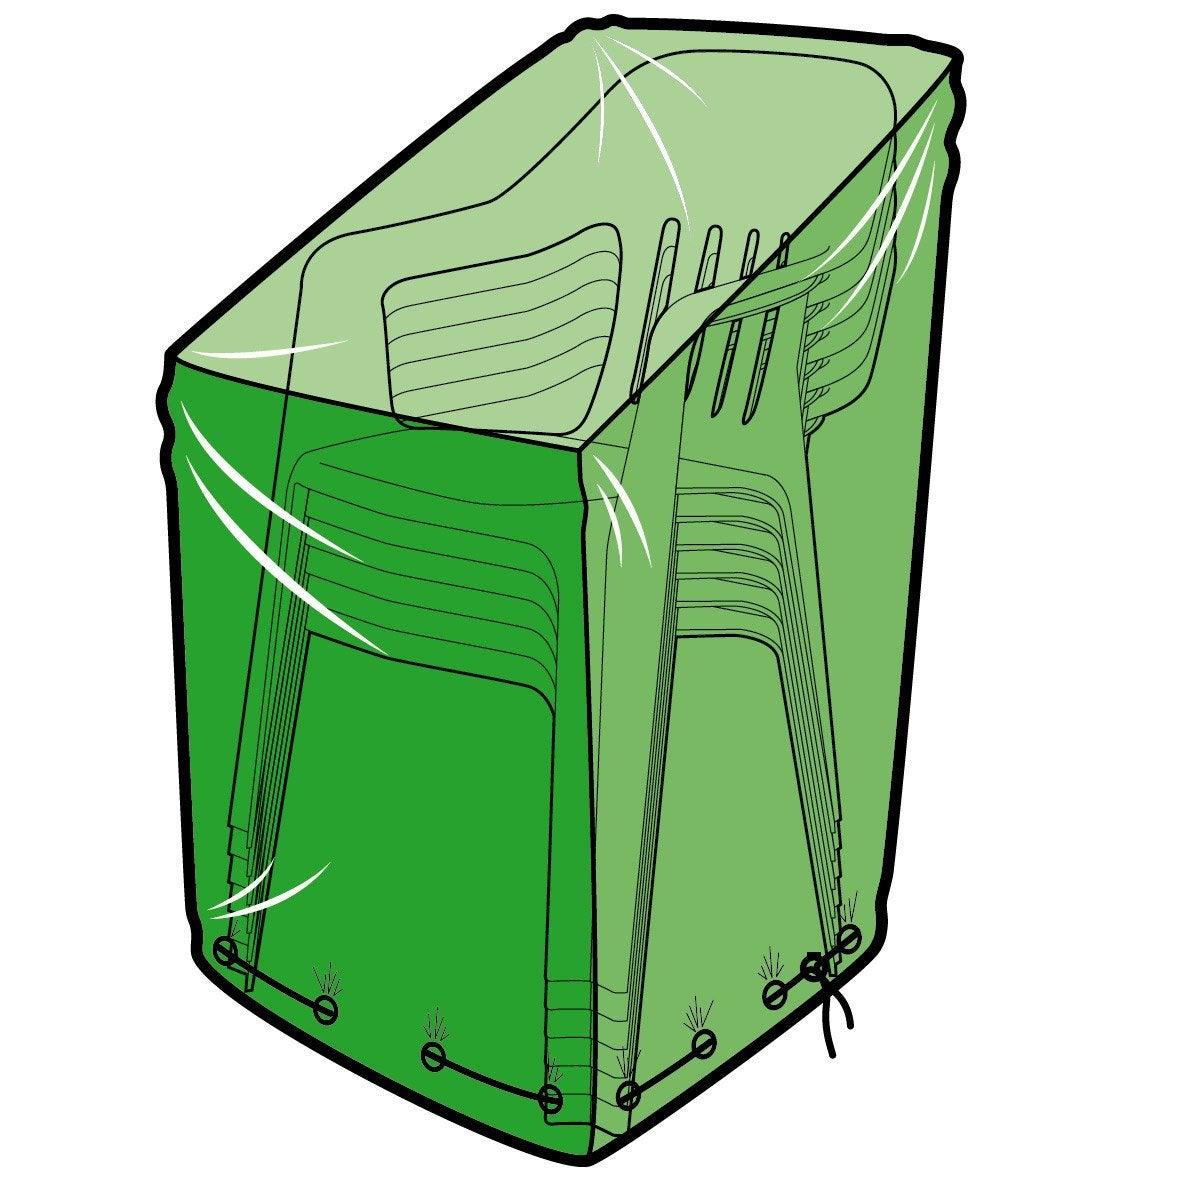 housse de protection pour chaises x x cm leroy merlin. Black Bedroom Furniture Sets. Home Design Ideas